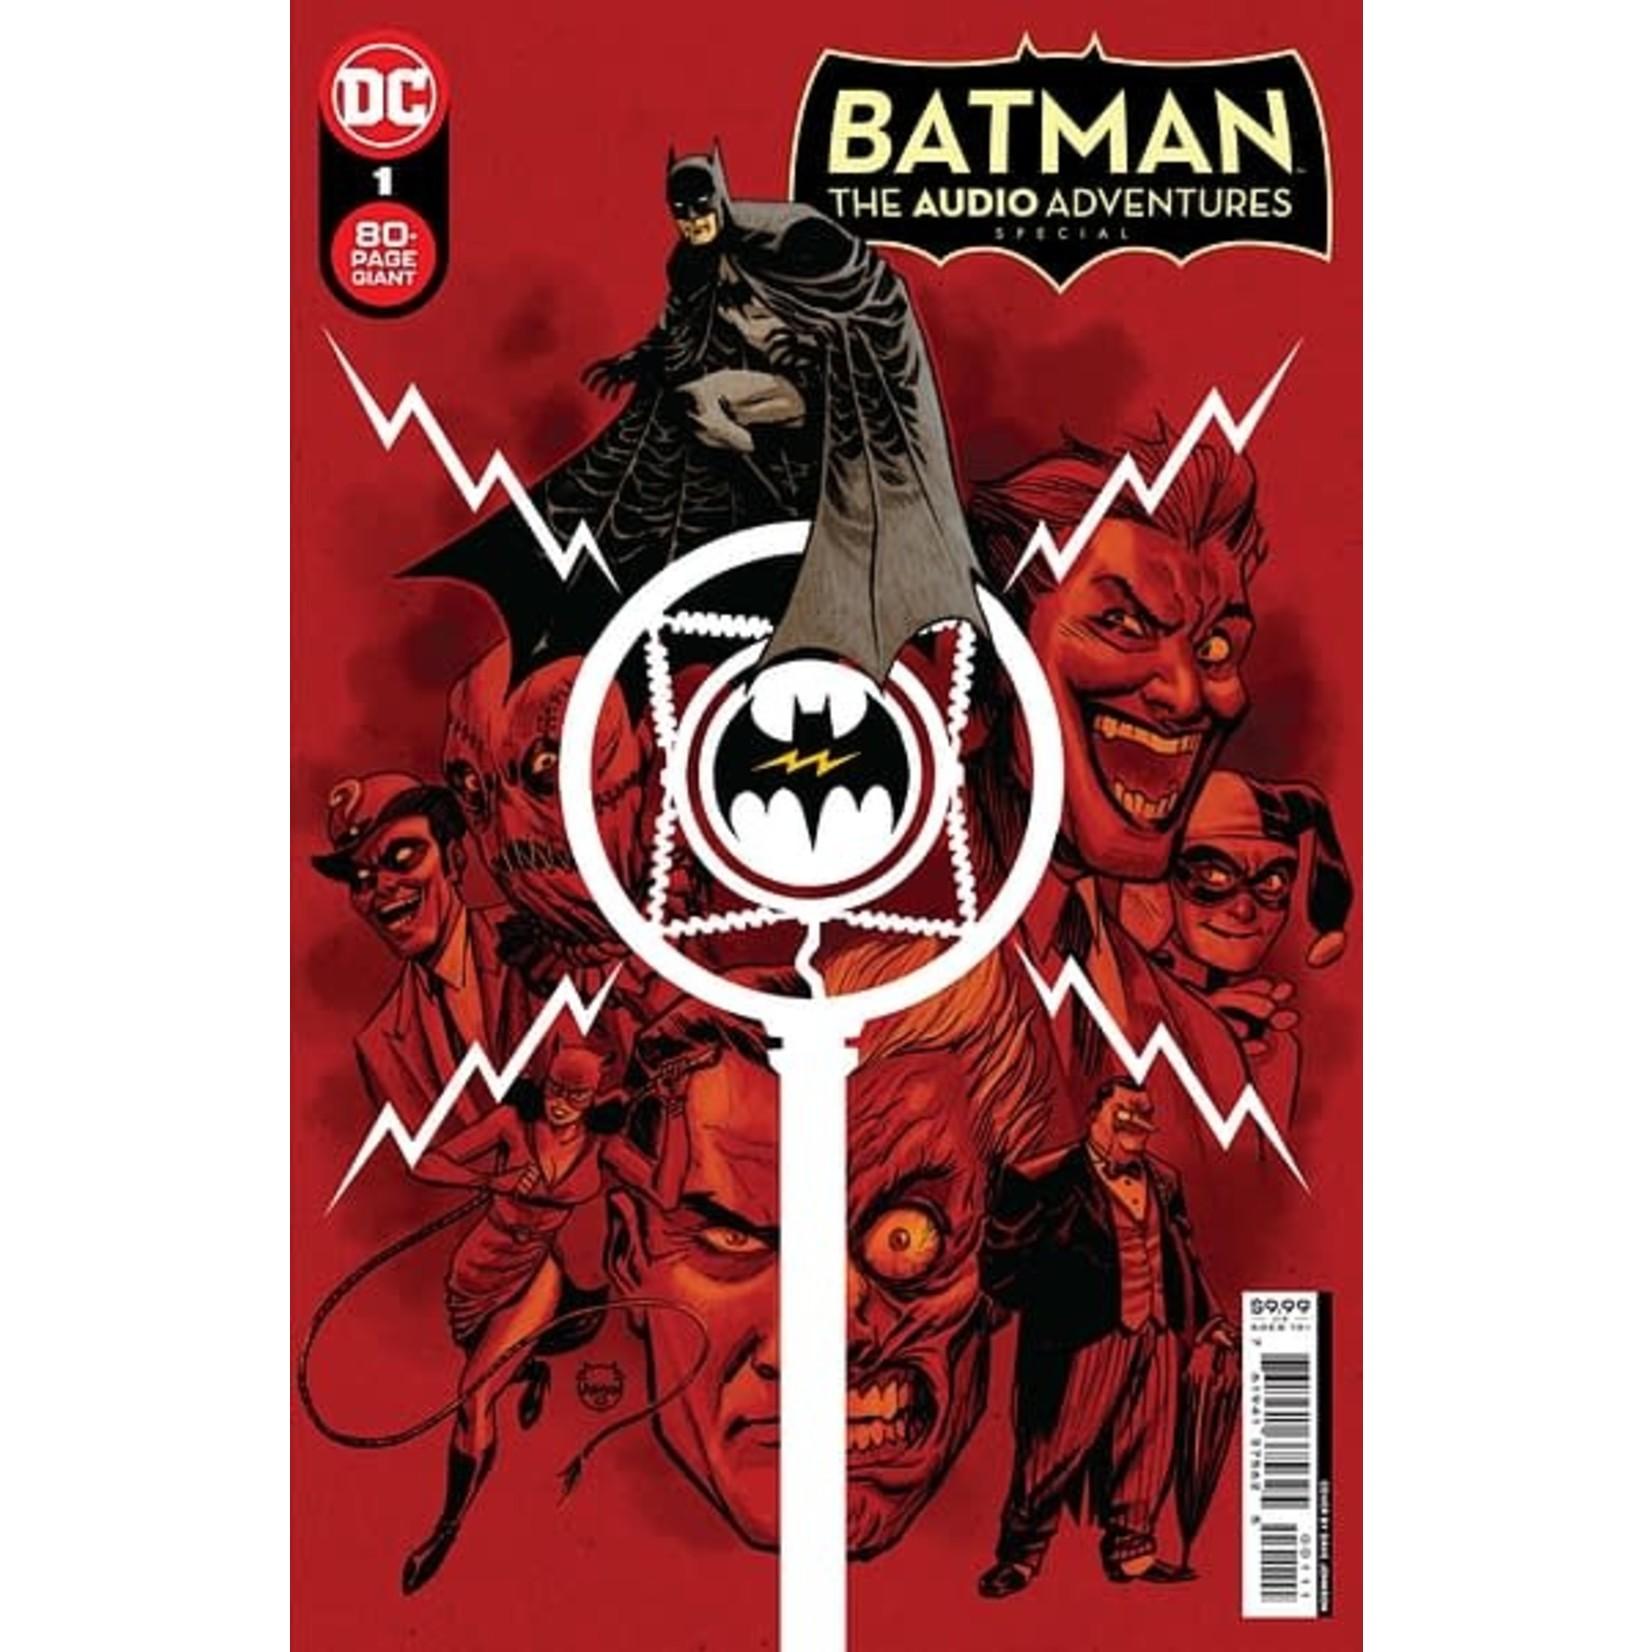 DC Comics Batman: The Audio Adventures special